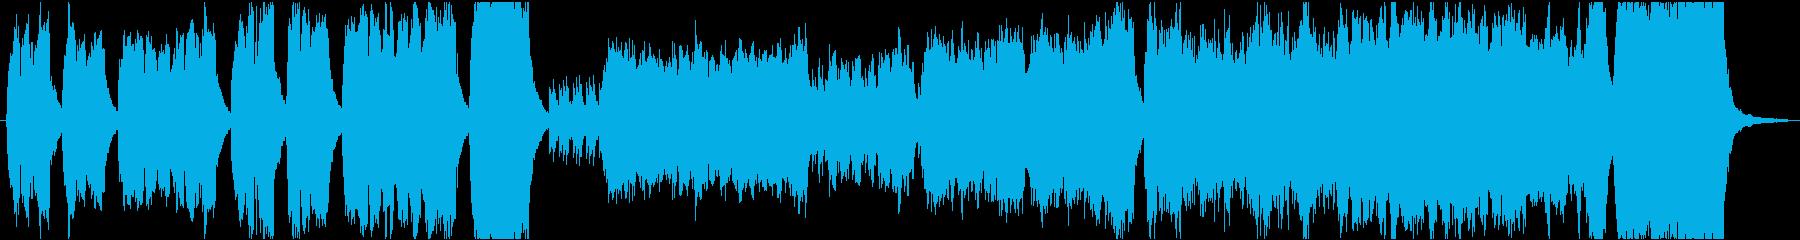 パイプオルガンの荘厳で壮大なBGMの再生済みの波形